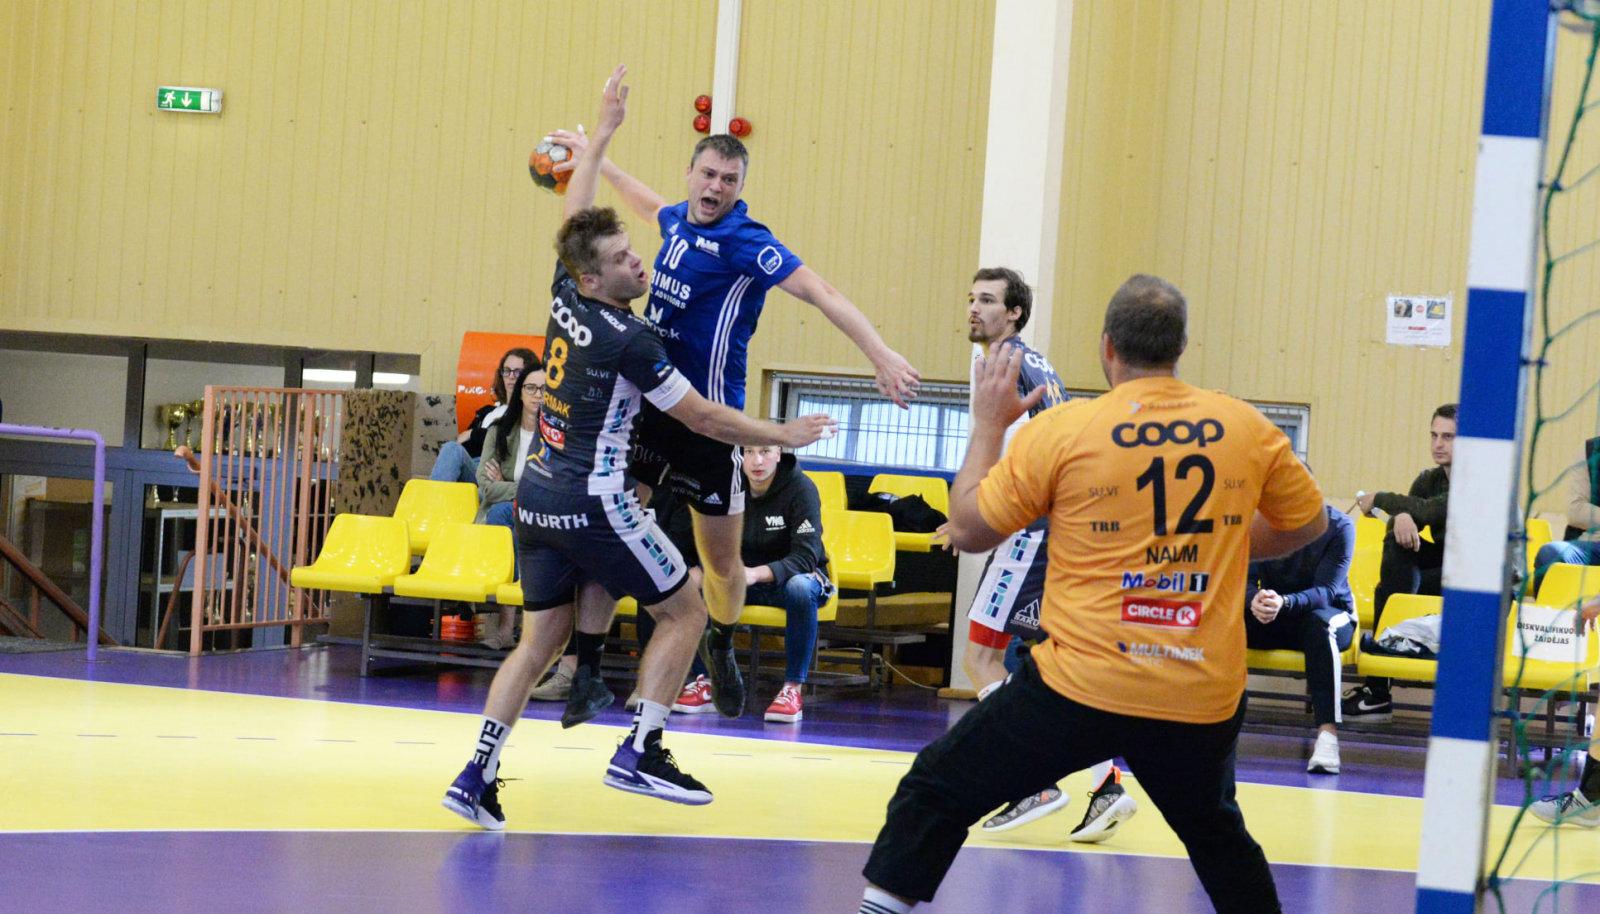 Hetk väga võitluslikust kohtumisest Leedu meistri Vilniuse VHC Šviesa ja Eesti karikavõitja HC Kehra/Horizon Pulp&Paperi vahel.